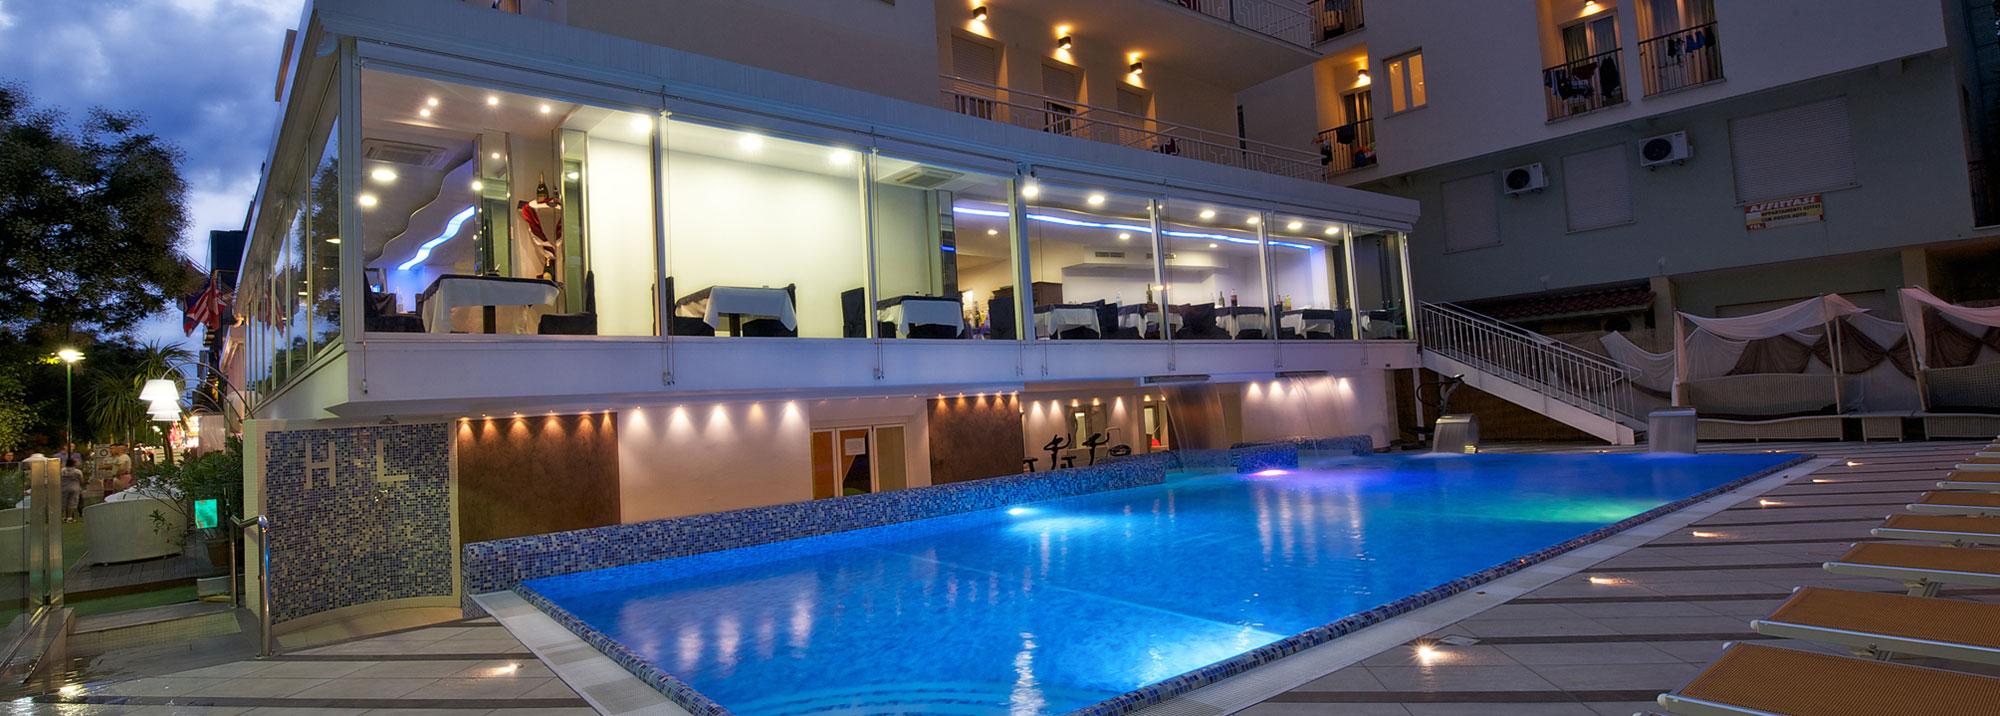 Hotel con piscina Cattolica 3 stelle